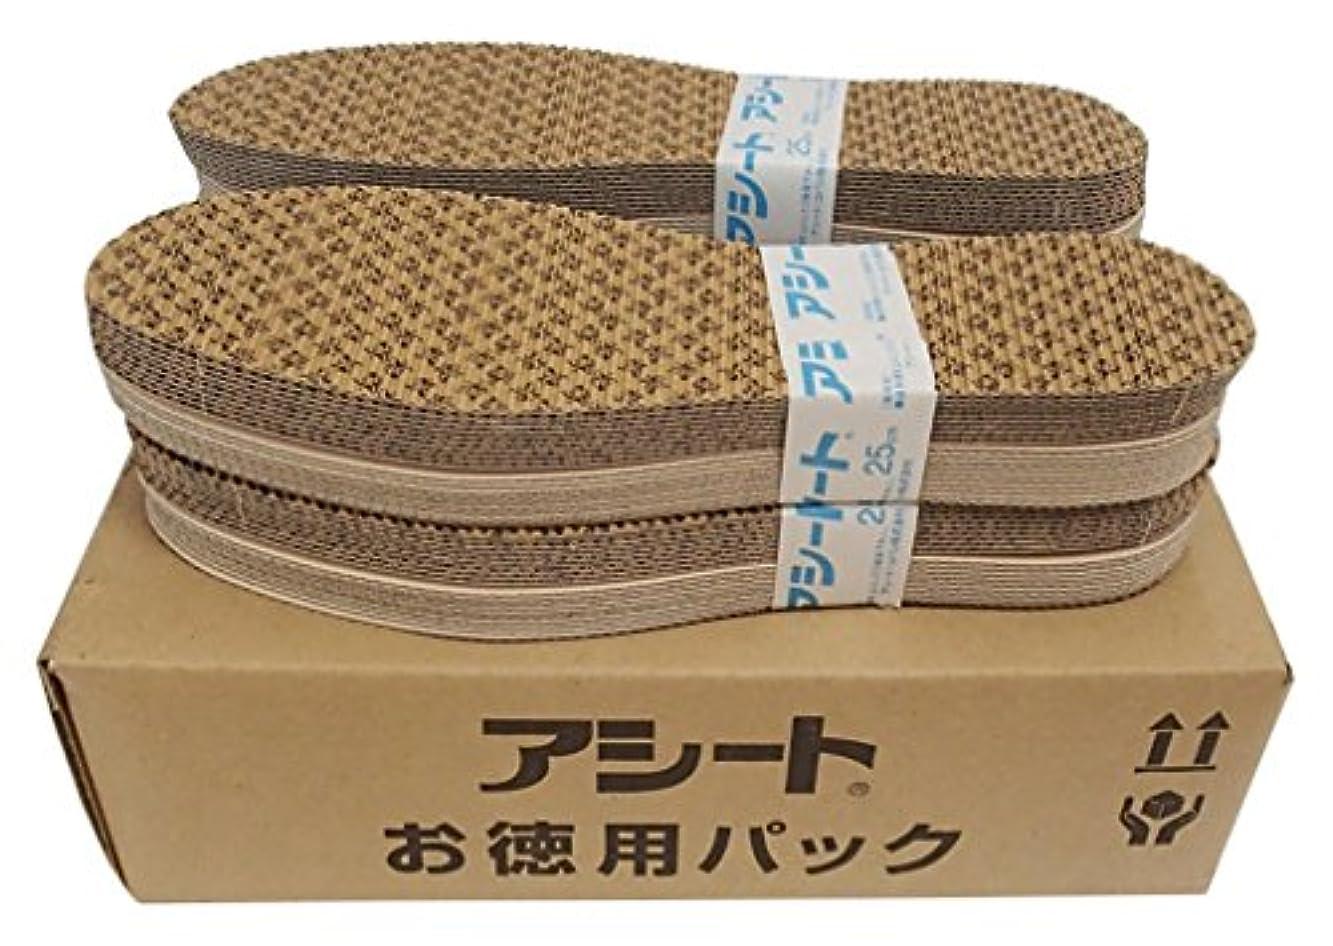 リズミカルな開発であることお徳用タイプのアシートOタイプ40足入 (25.5~26cm 男性靴用)